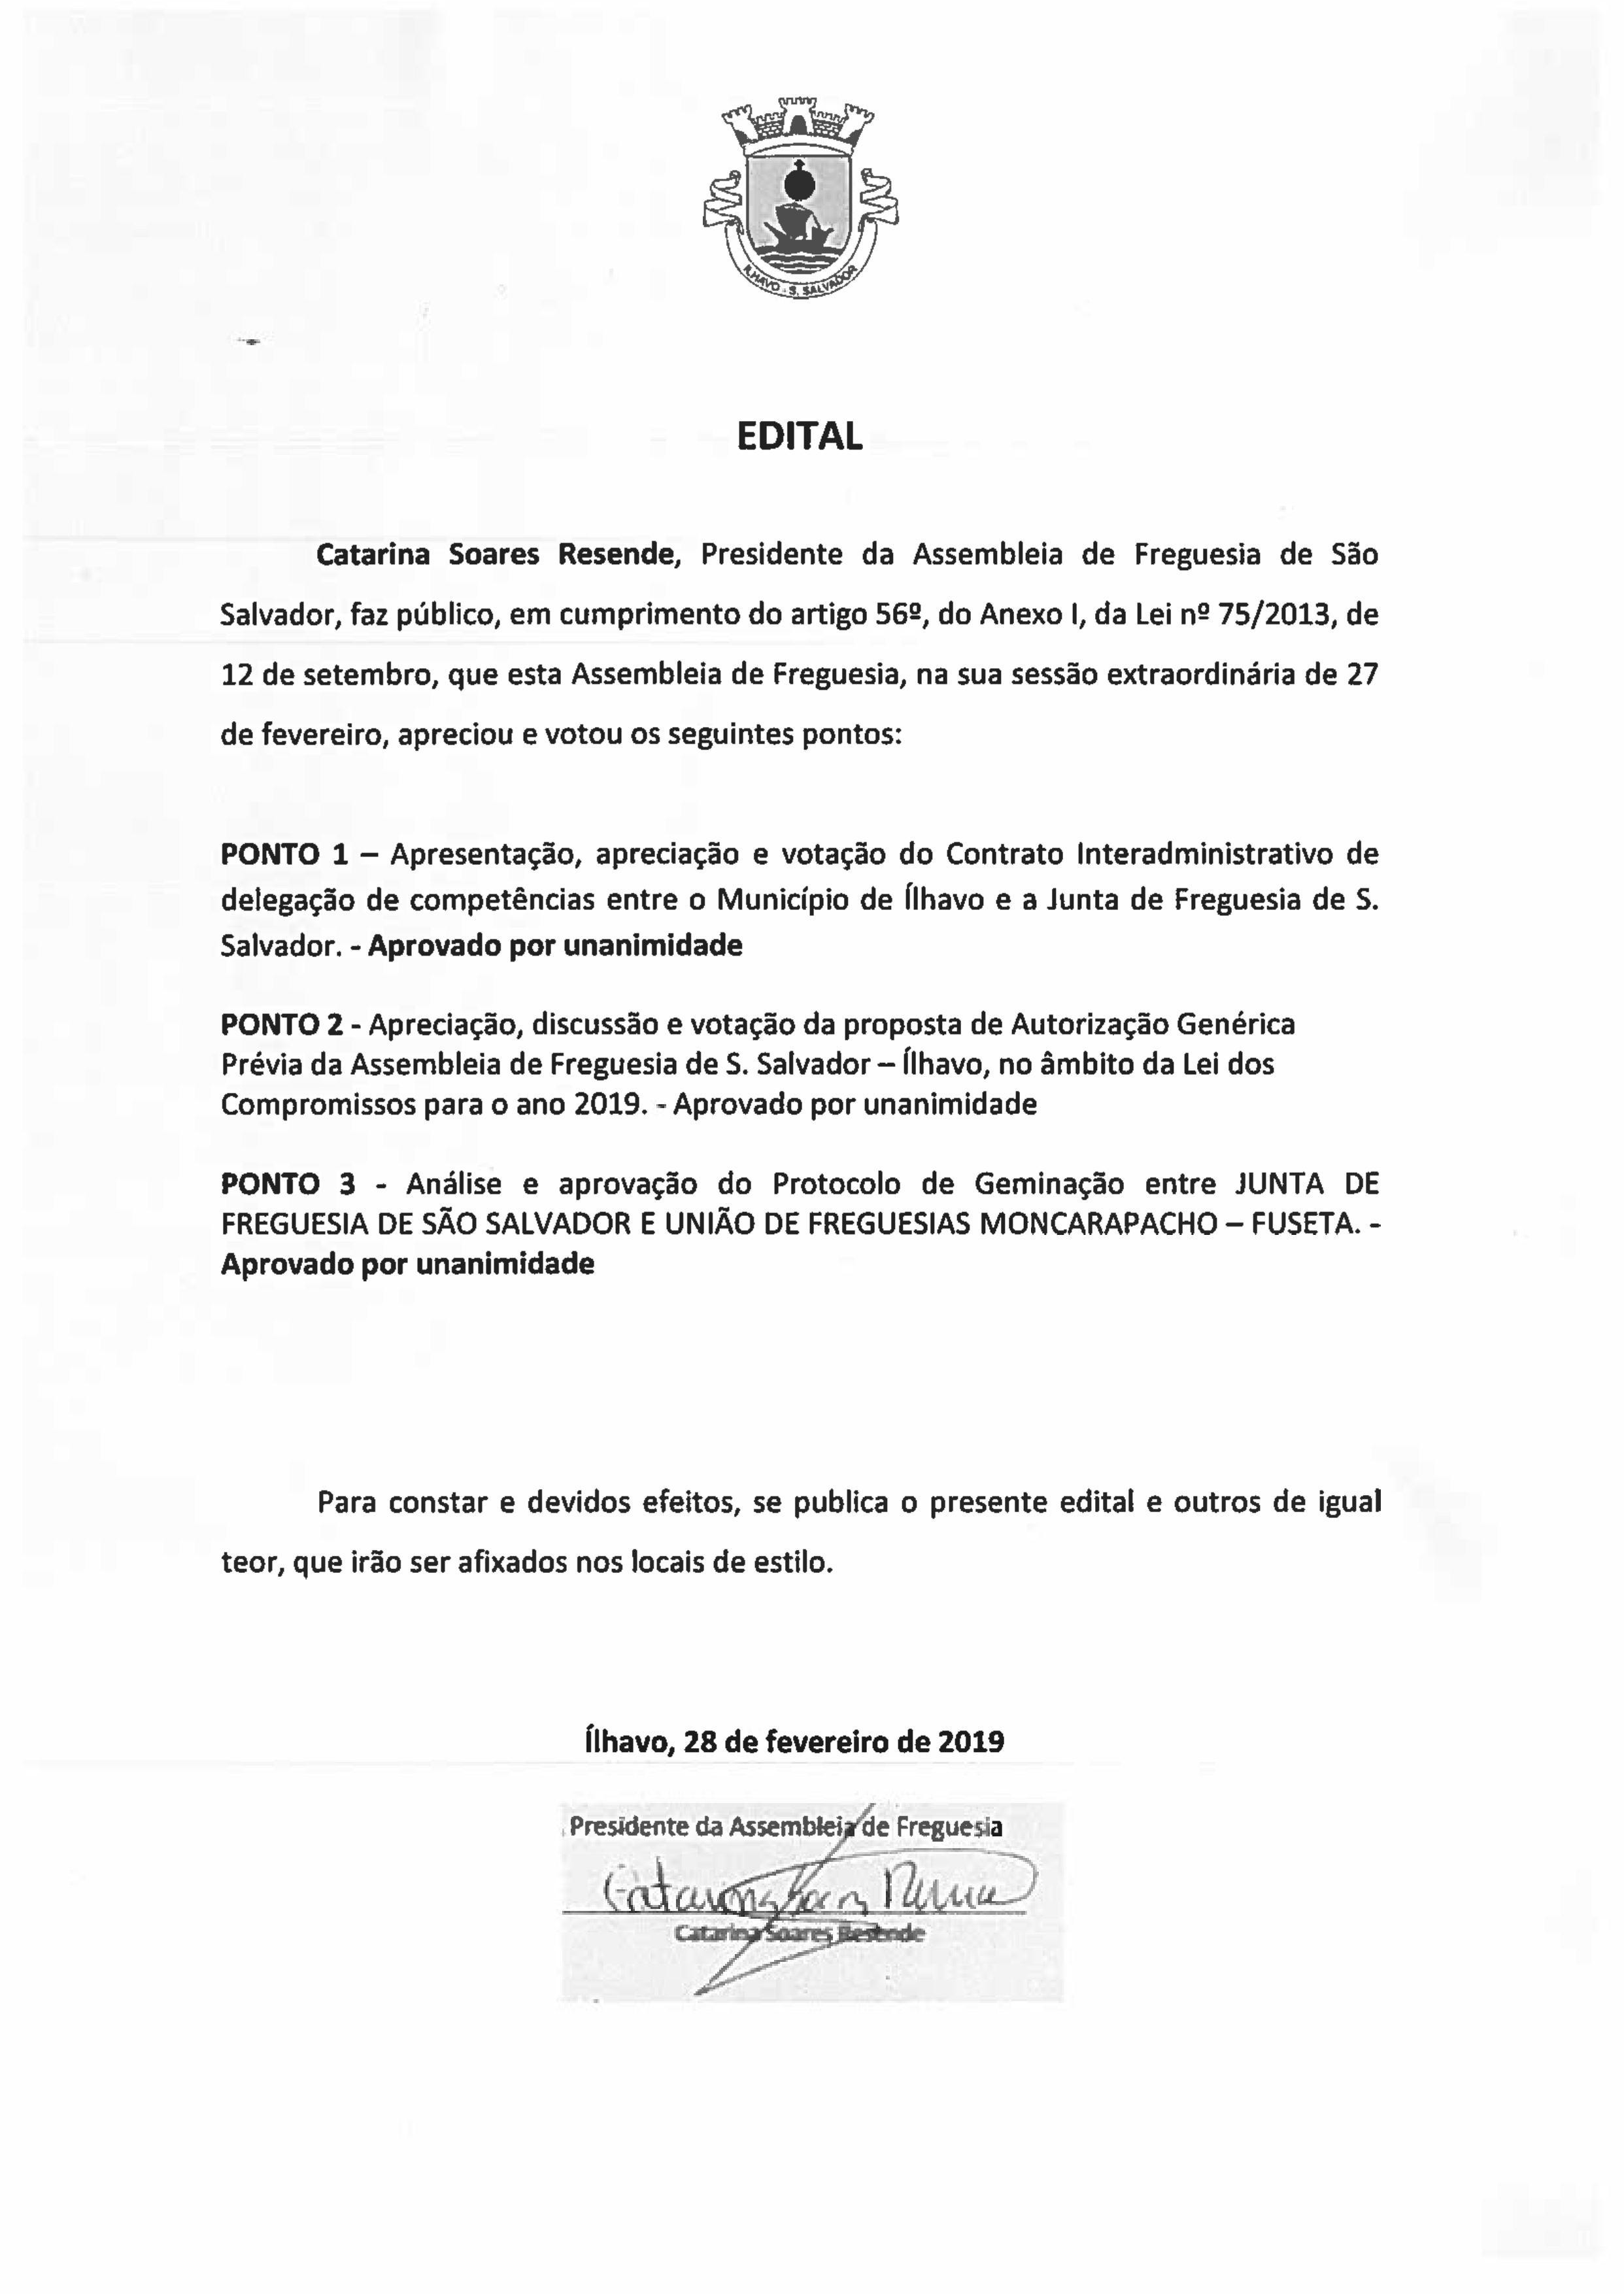 EDITAL DE DELIBERAÇÕES_A.F Extraordinária